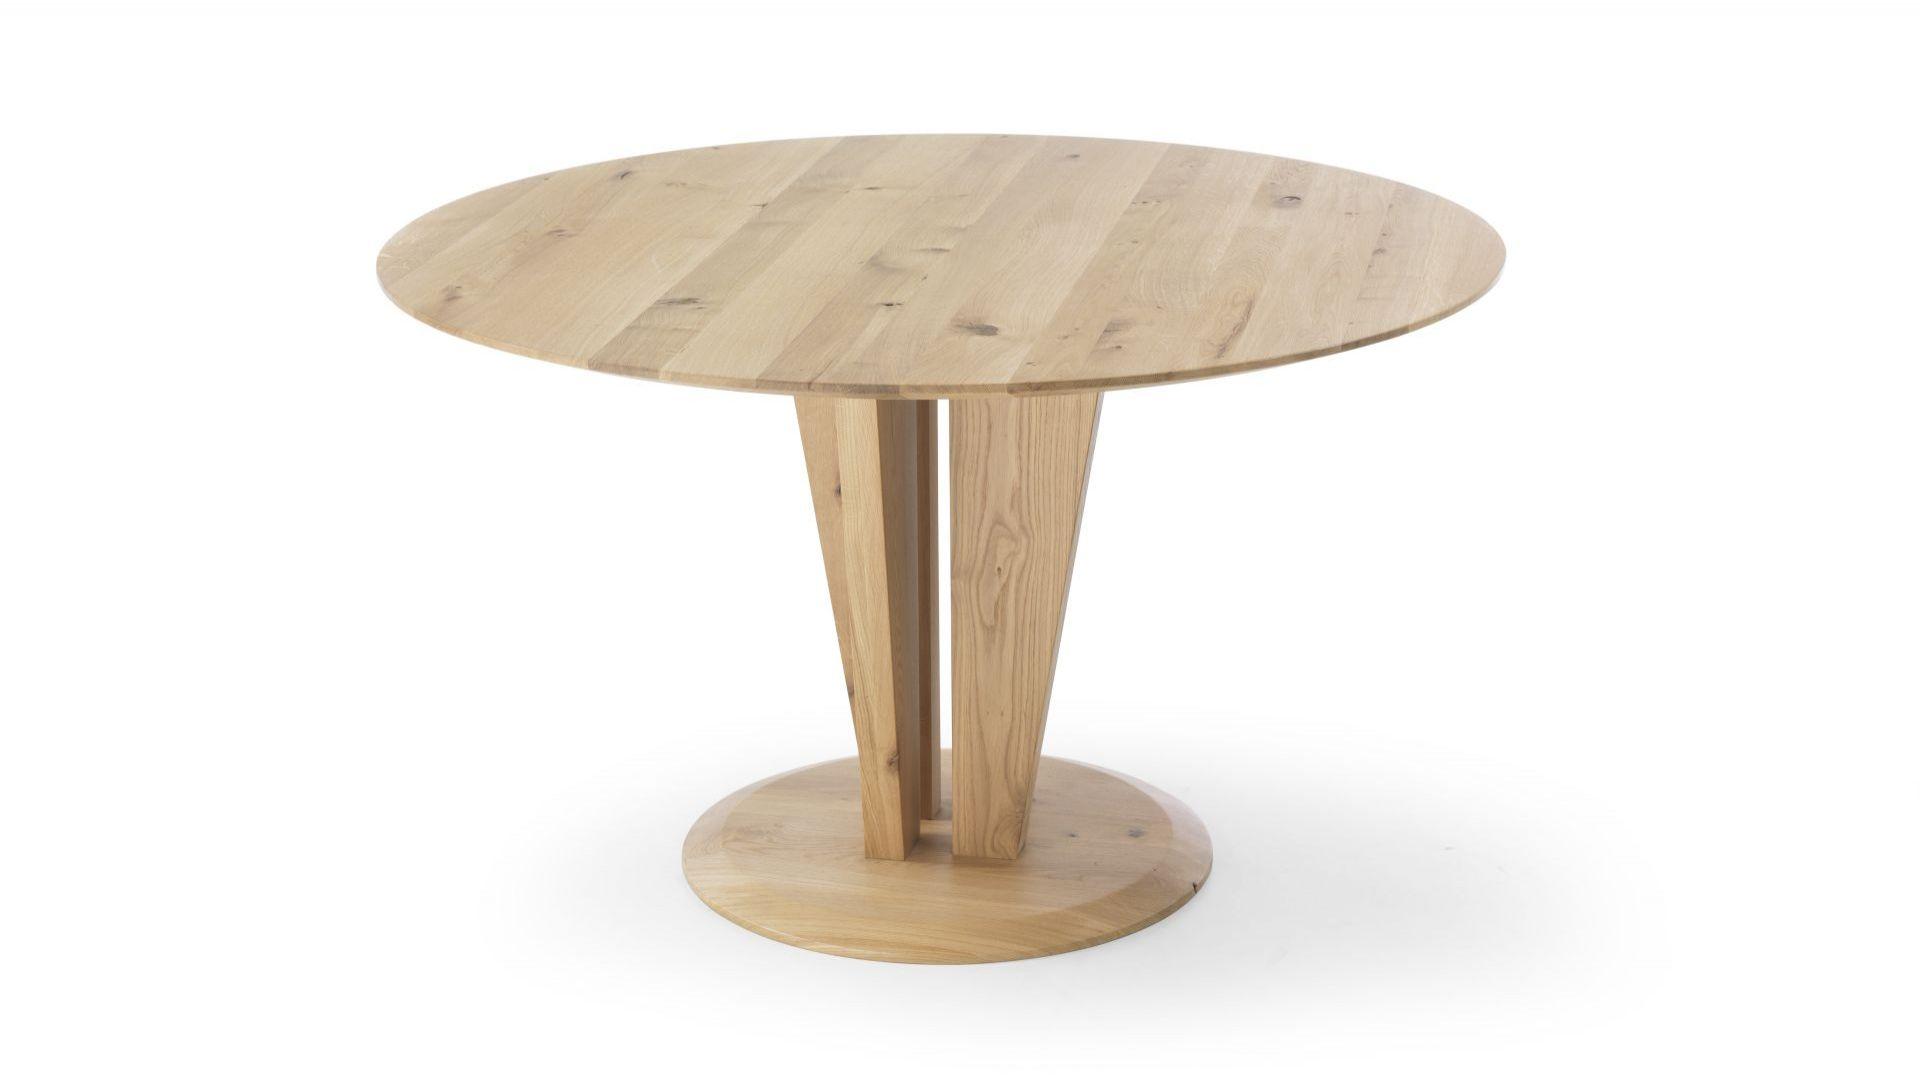 Okrągły stół Risoluto, wykonany z drzewa dębowego, o klasycznym ubarwieniu. Cienki blat stołu średniej grubości jest bardzo wygodny i praktyczny. Fot. Congrazio